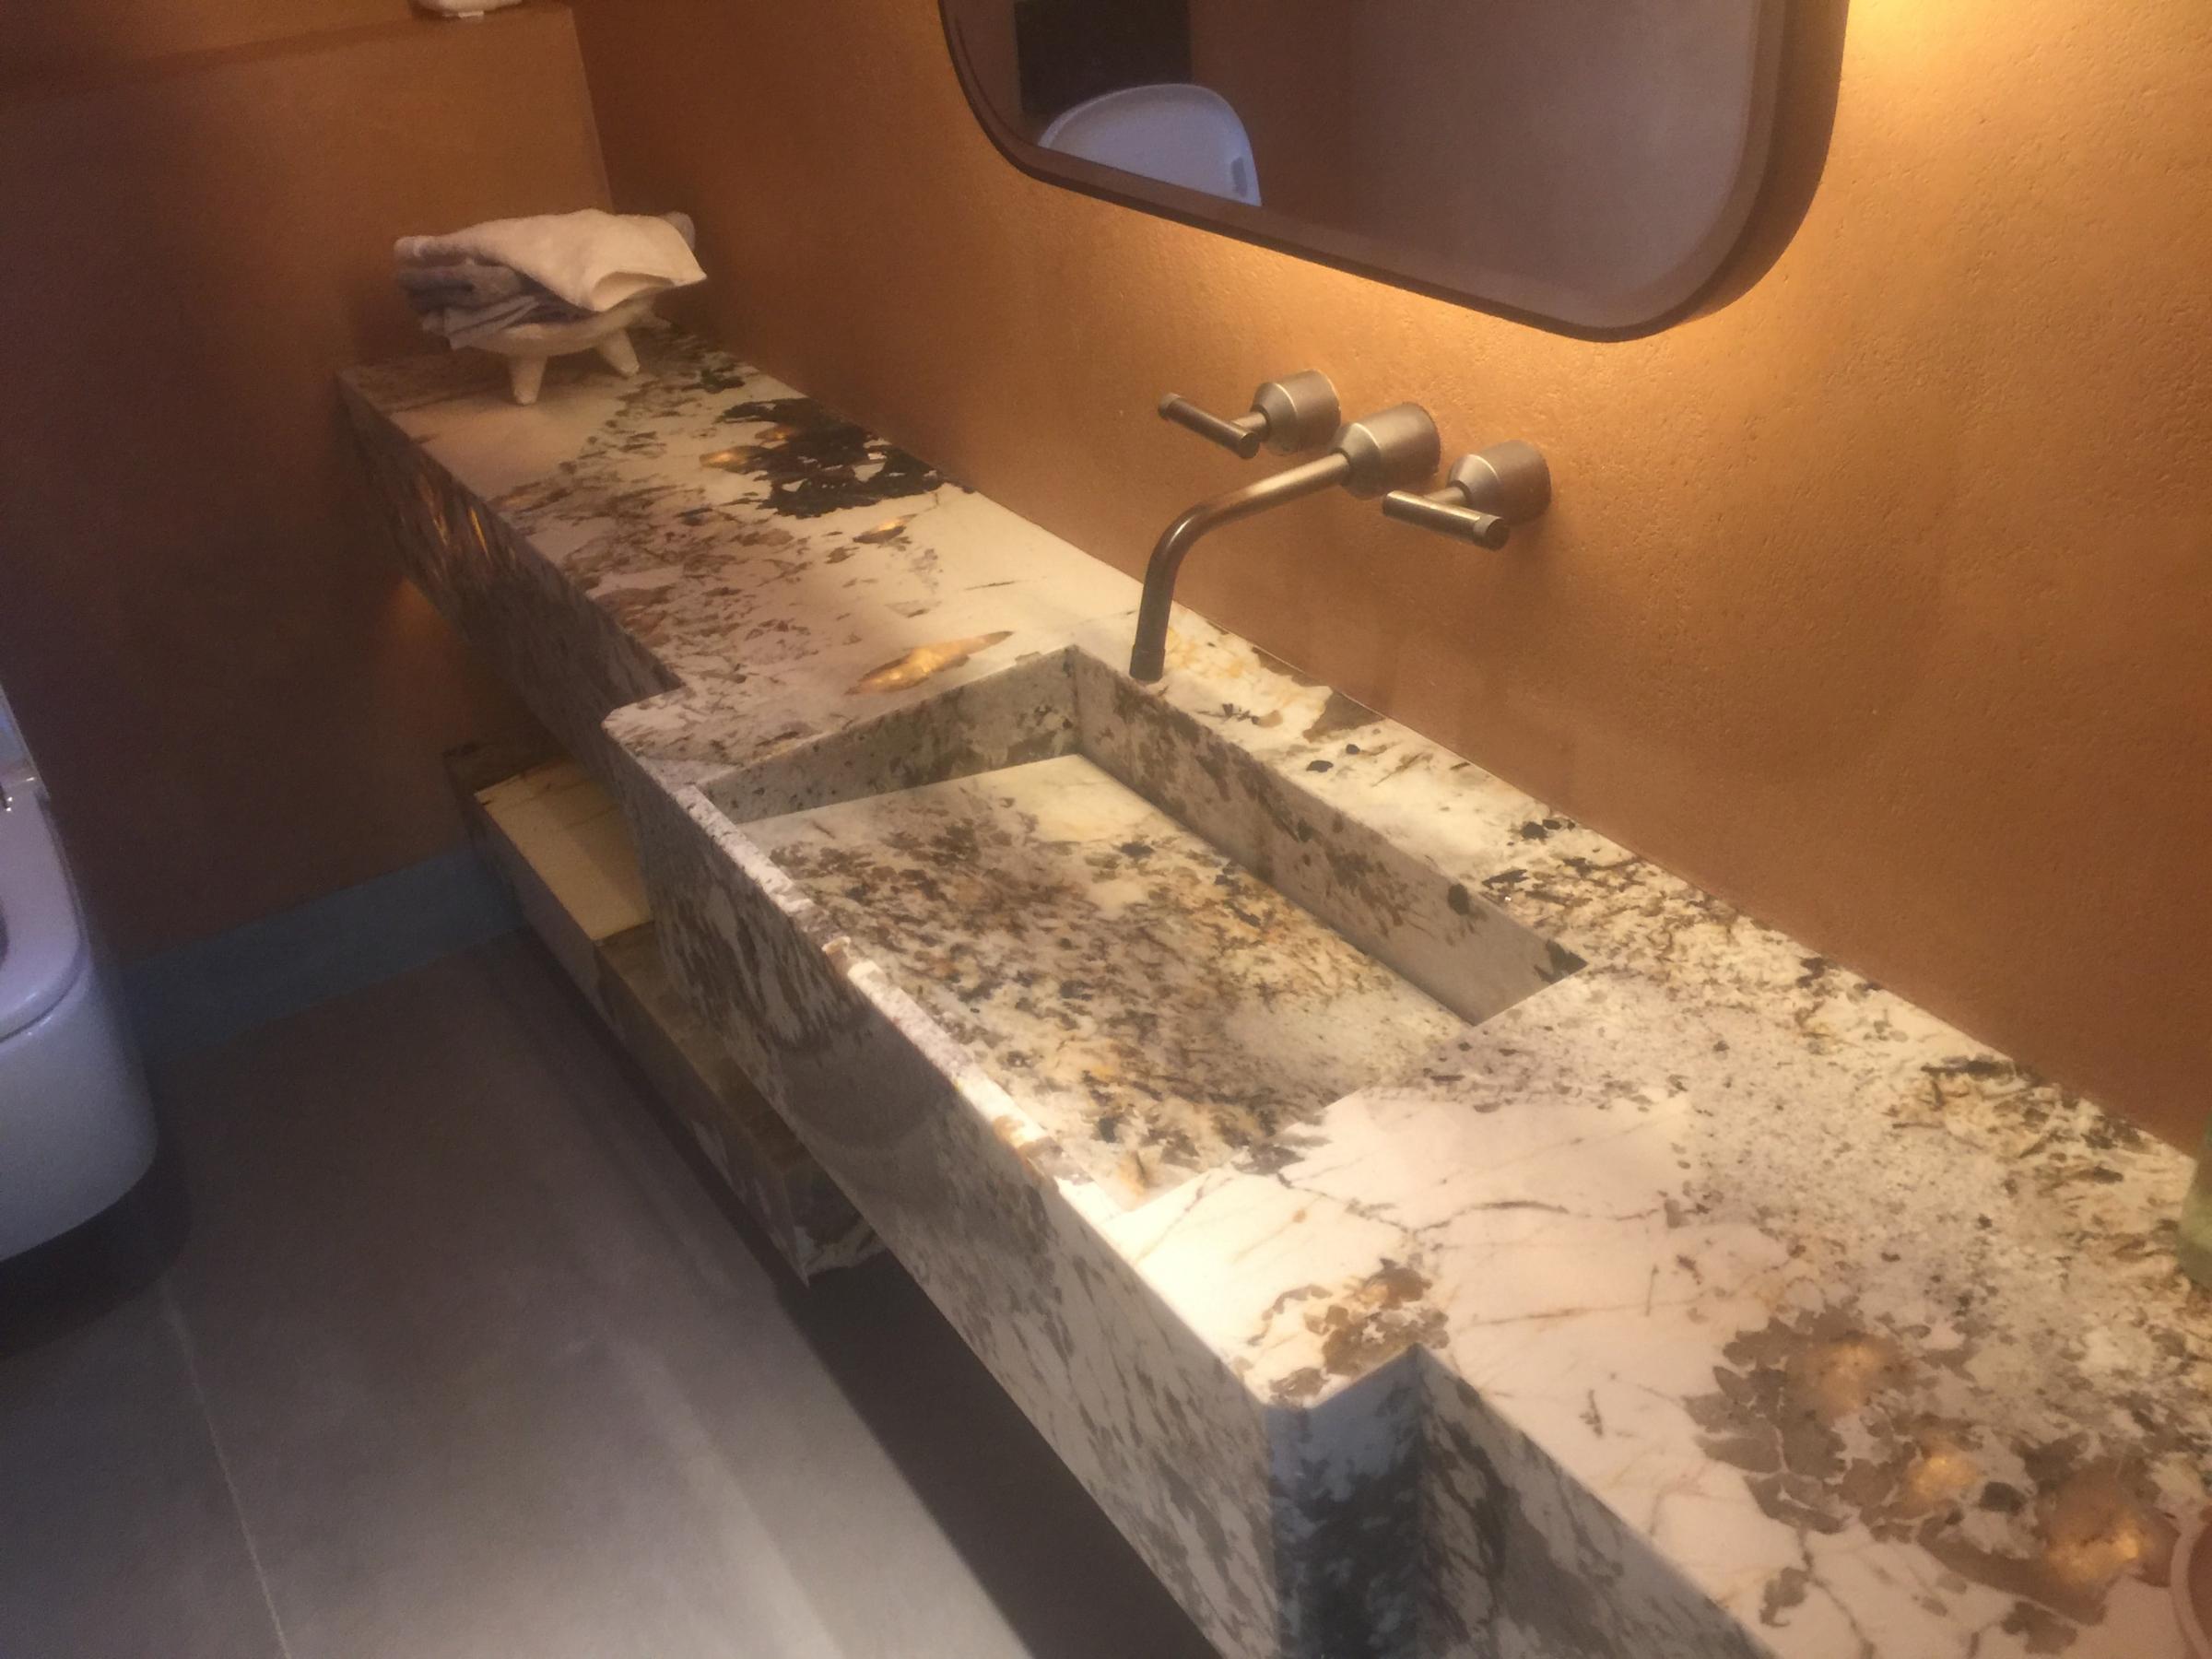 Onyx Bathroom Vanity Countertop Sink London